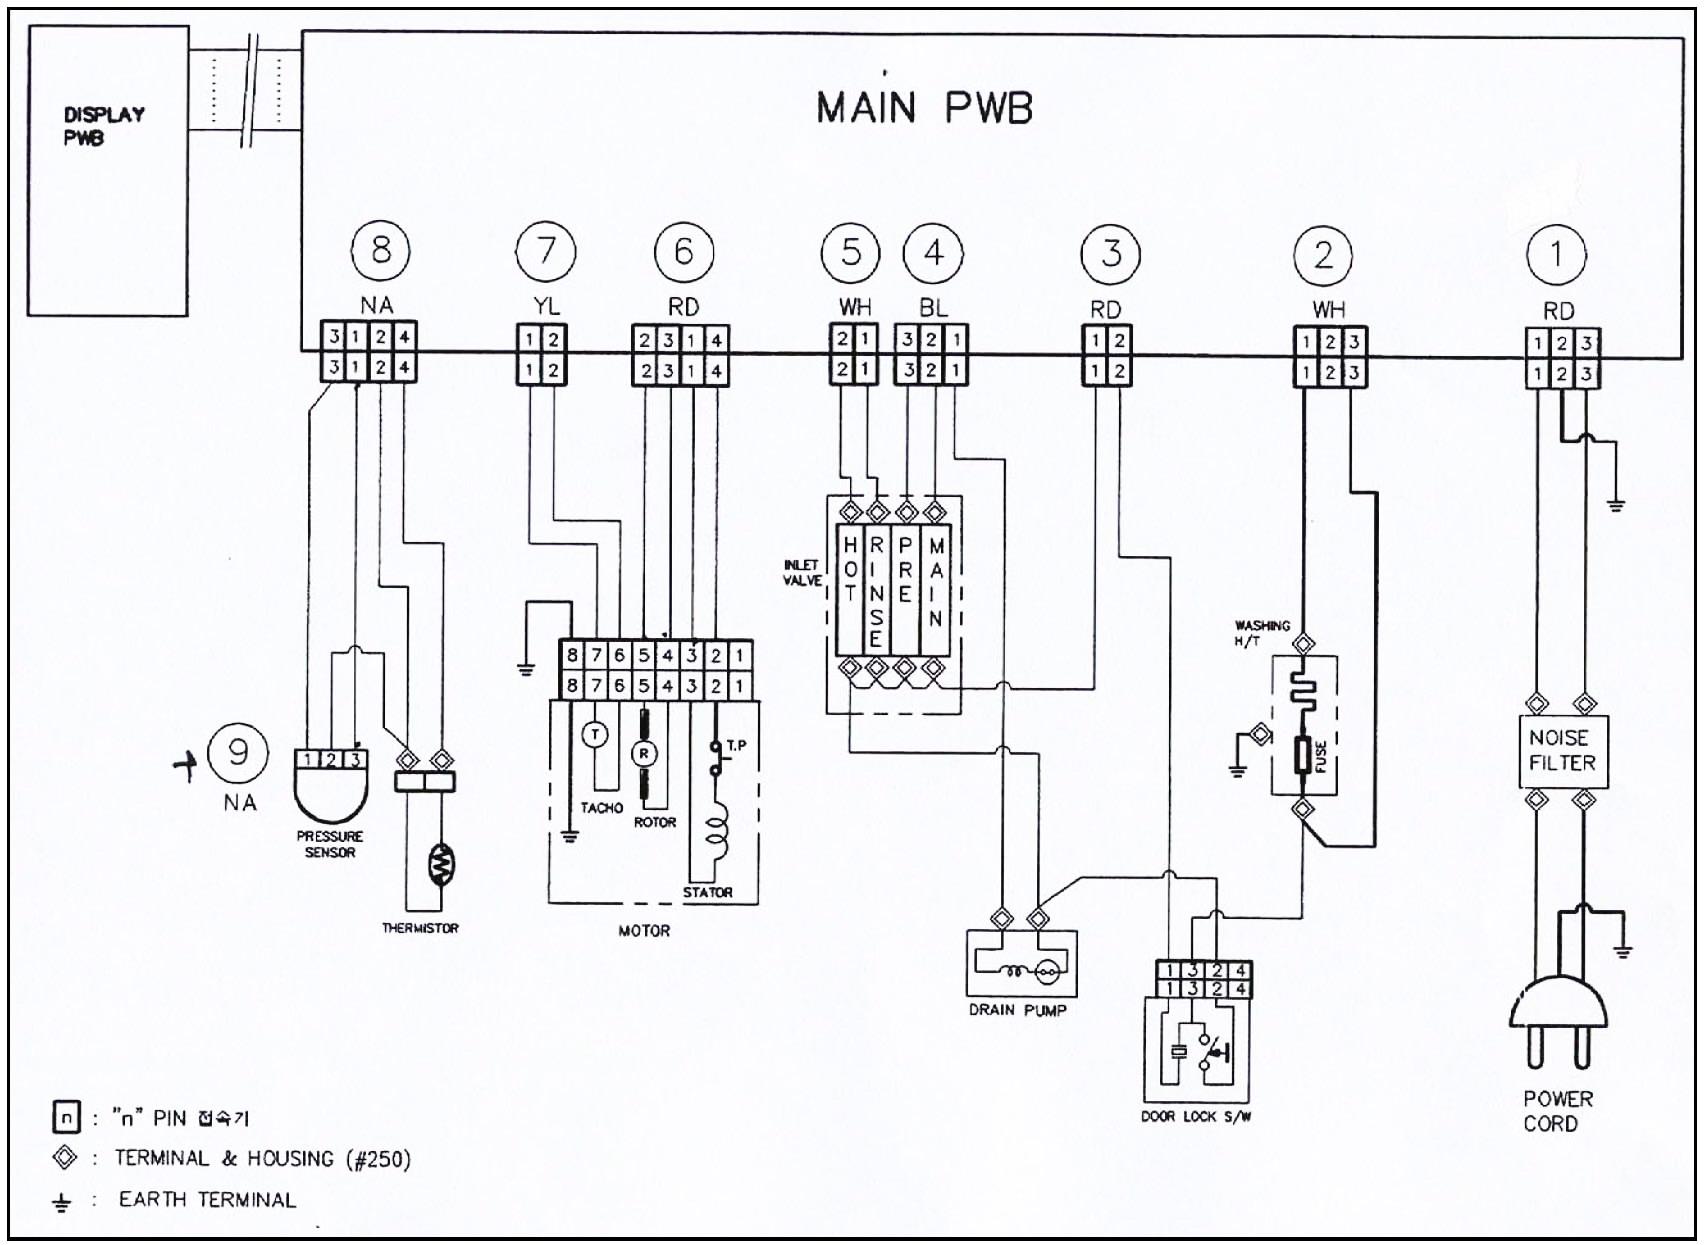 lg wd 80185n инструкция по експлуатац